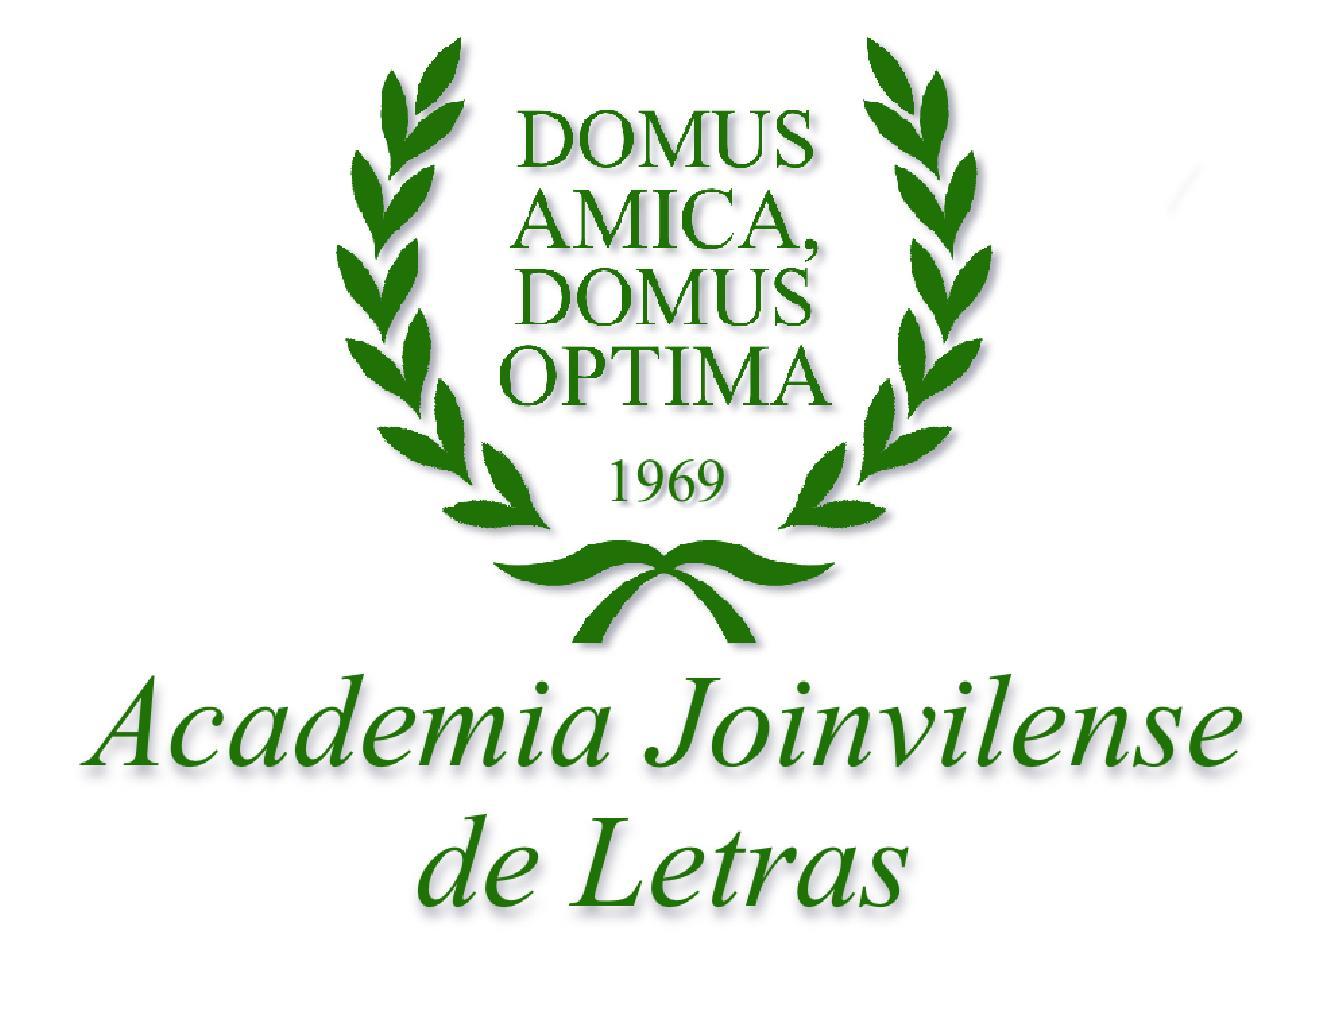 Abertas duas vagas para a Academia Joinvilense de Letras. Veja o edital.